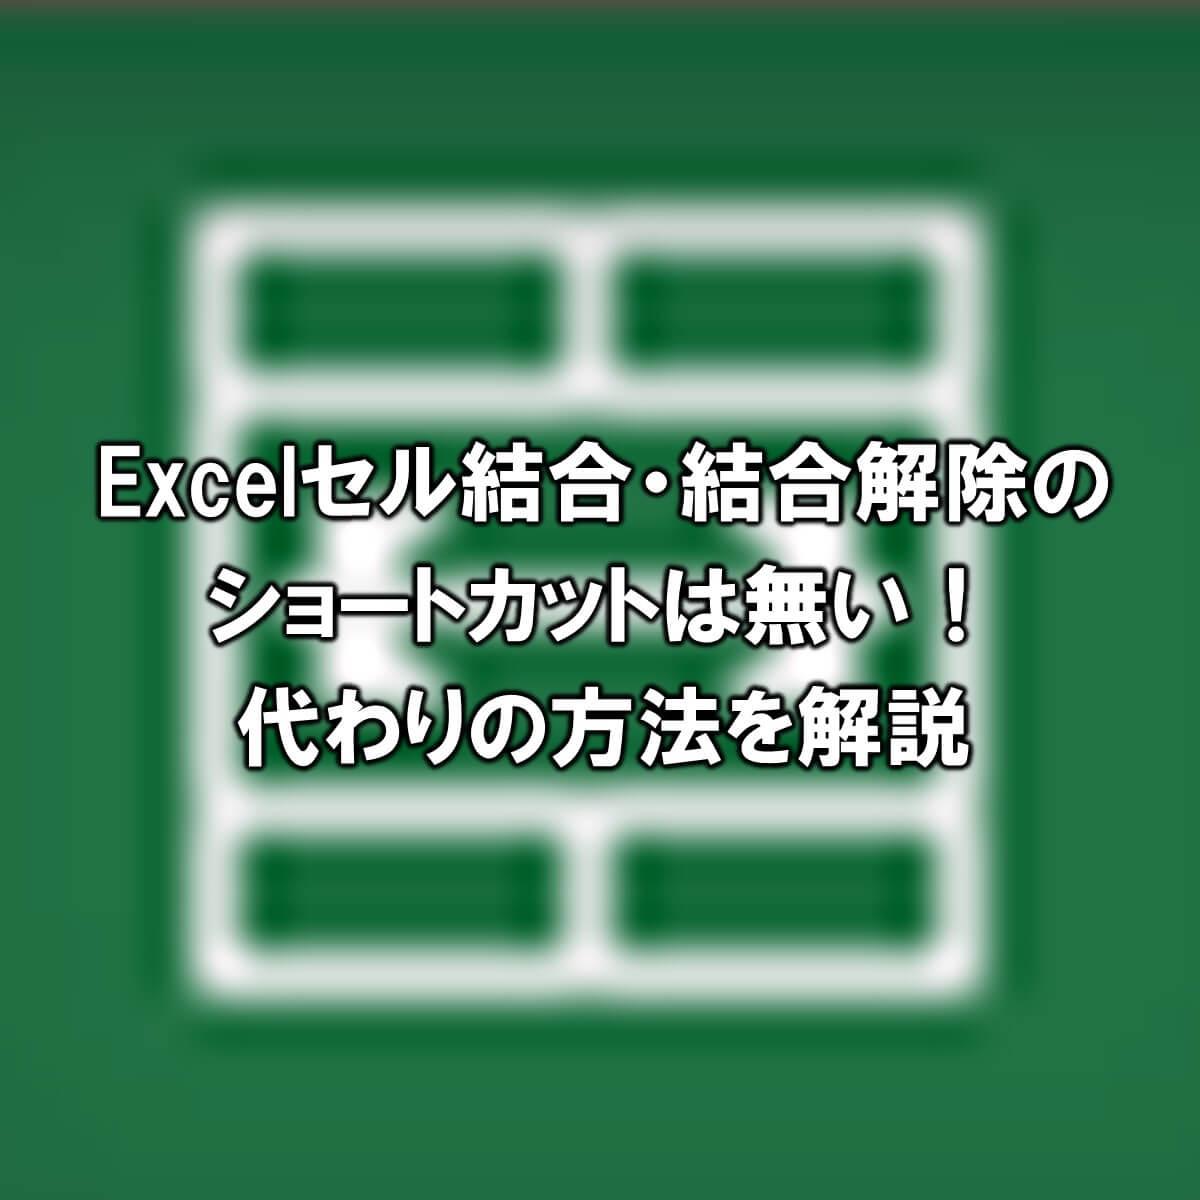 Excelセル結合のショートカットは無い!代わりの方法を解説【結合解除も同様】